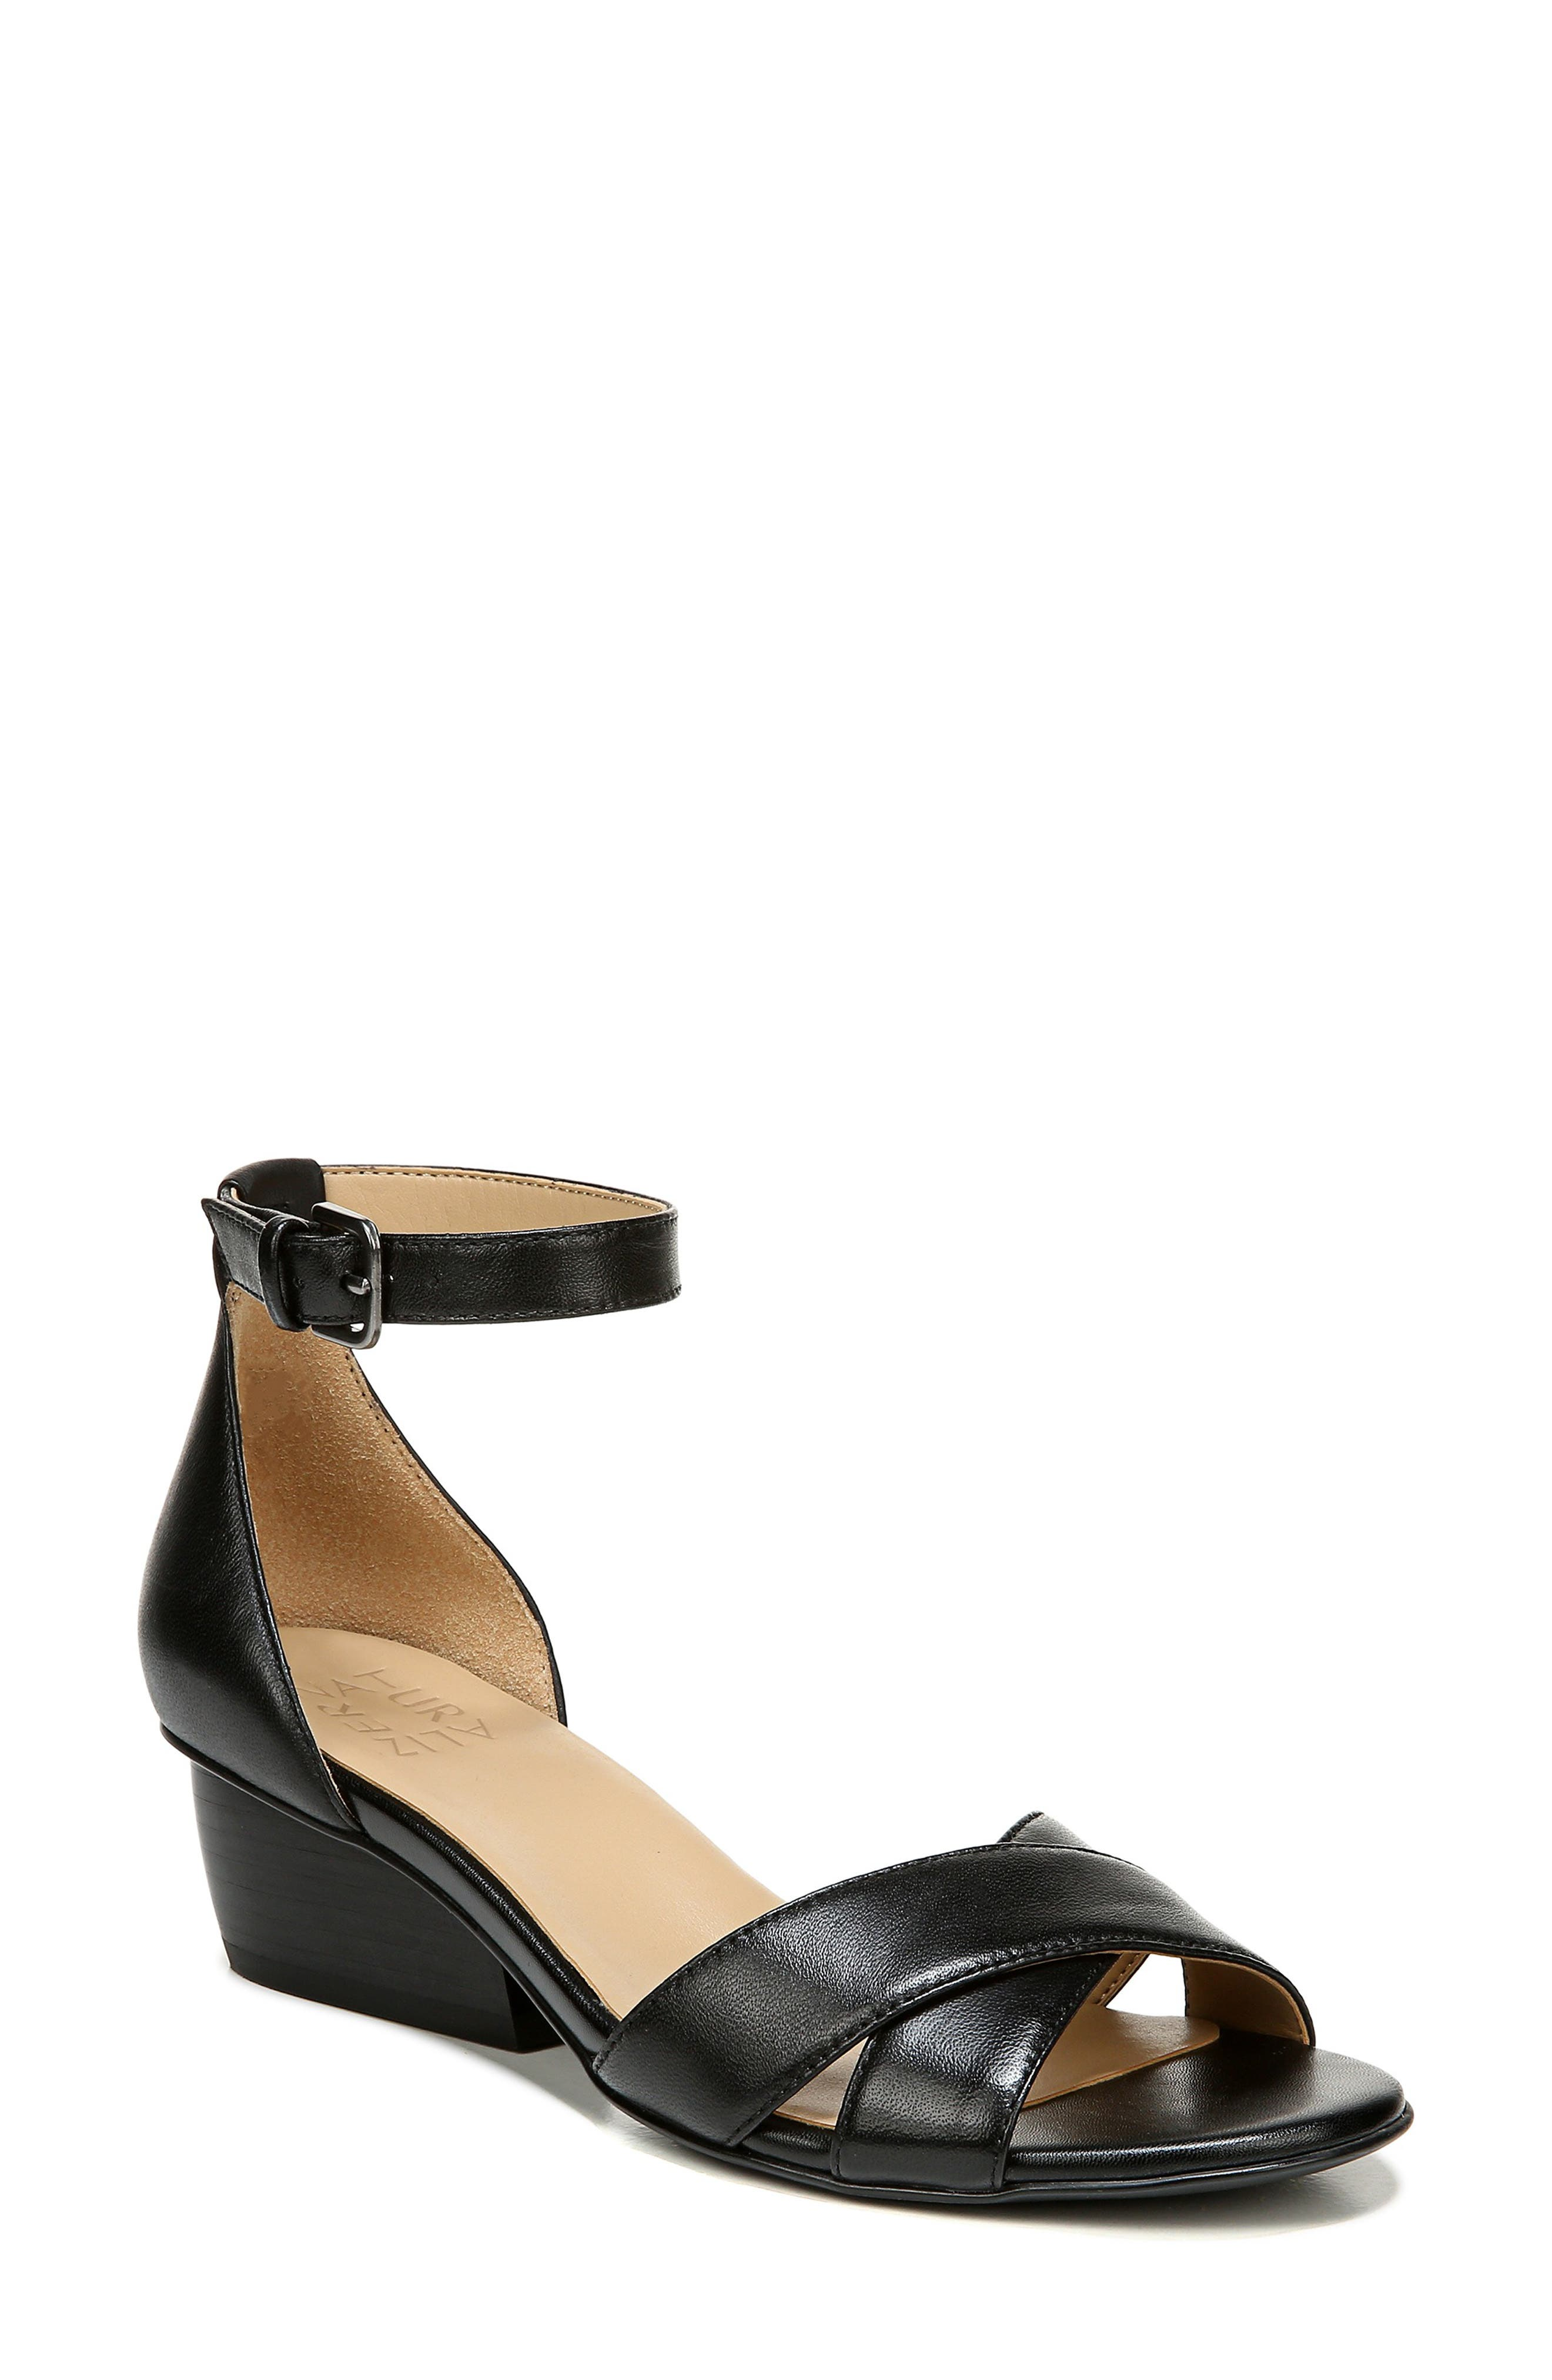 All Women's Sale Narrow Width Shoes